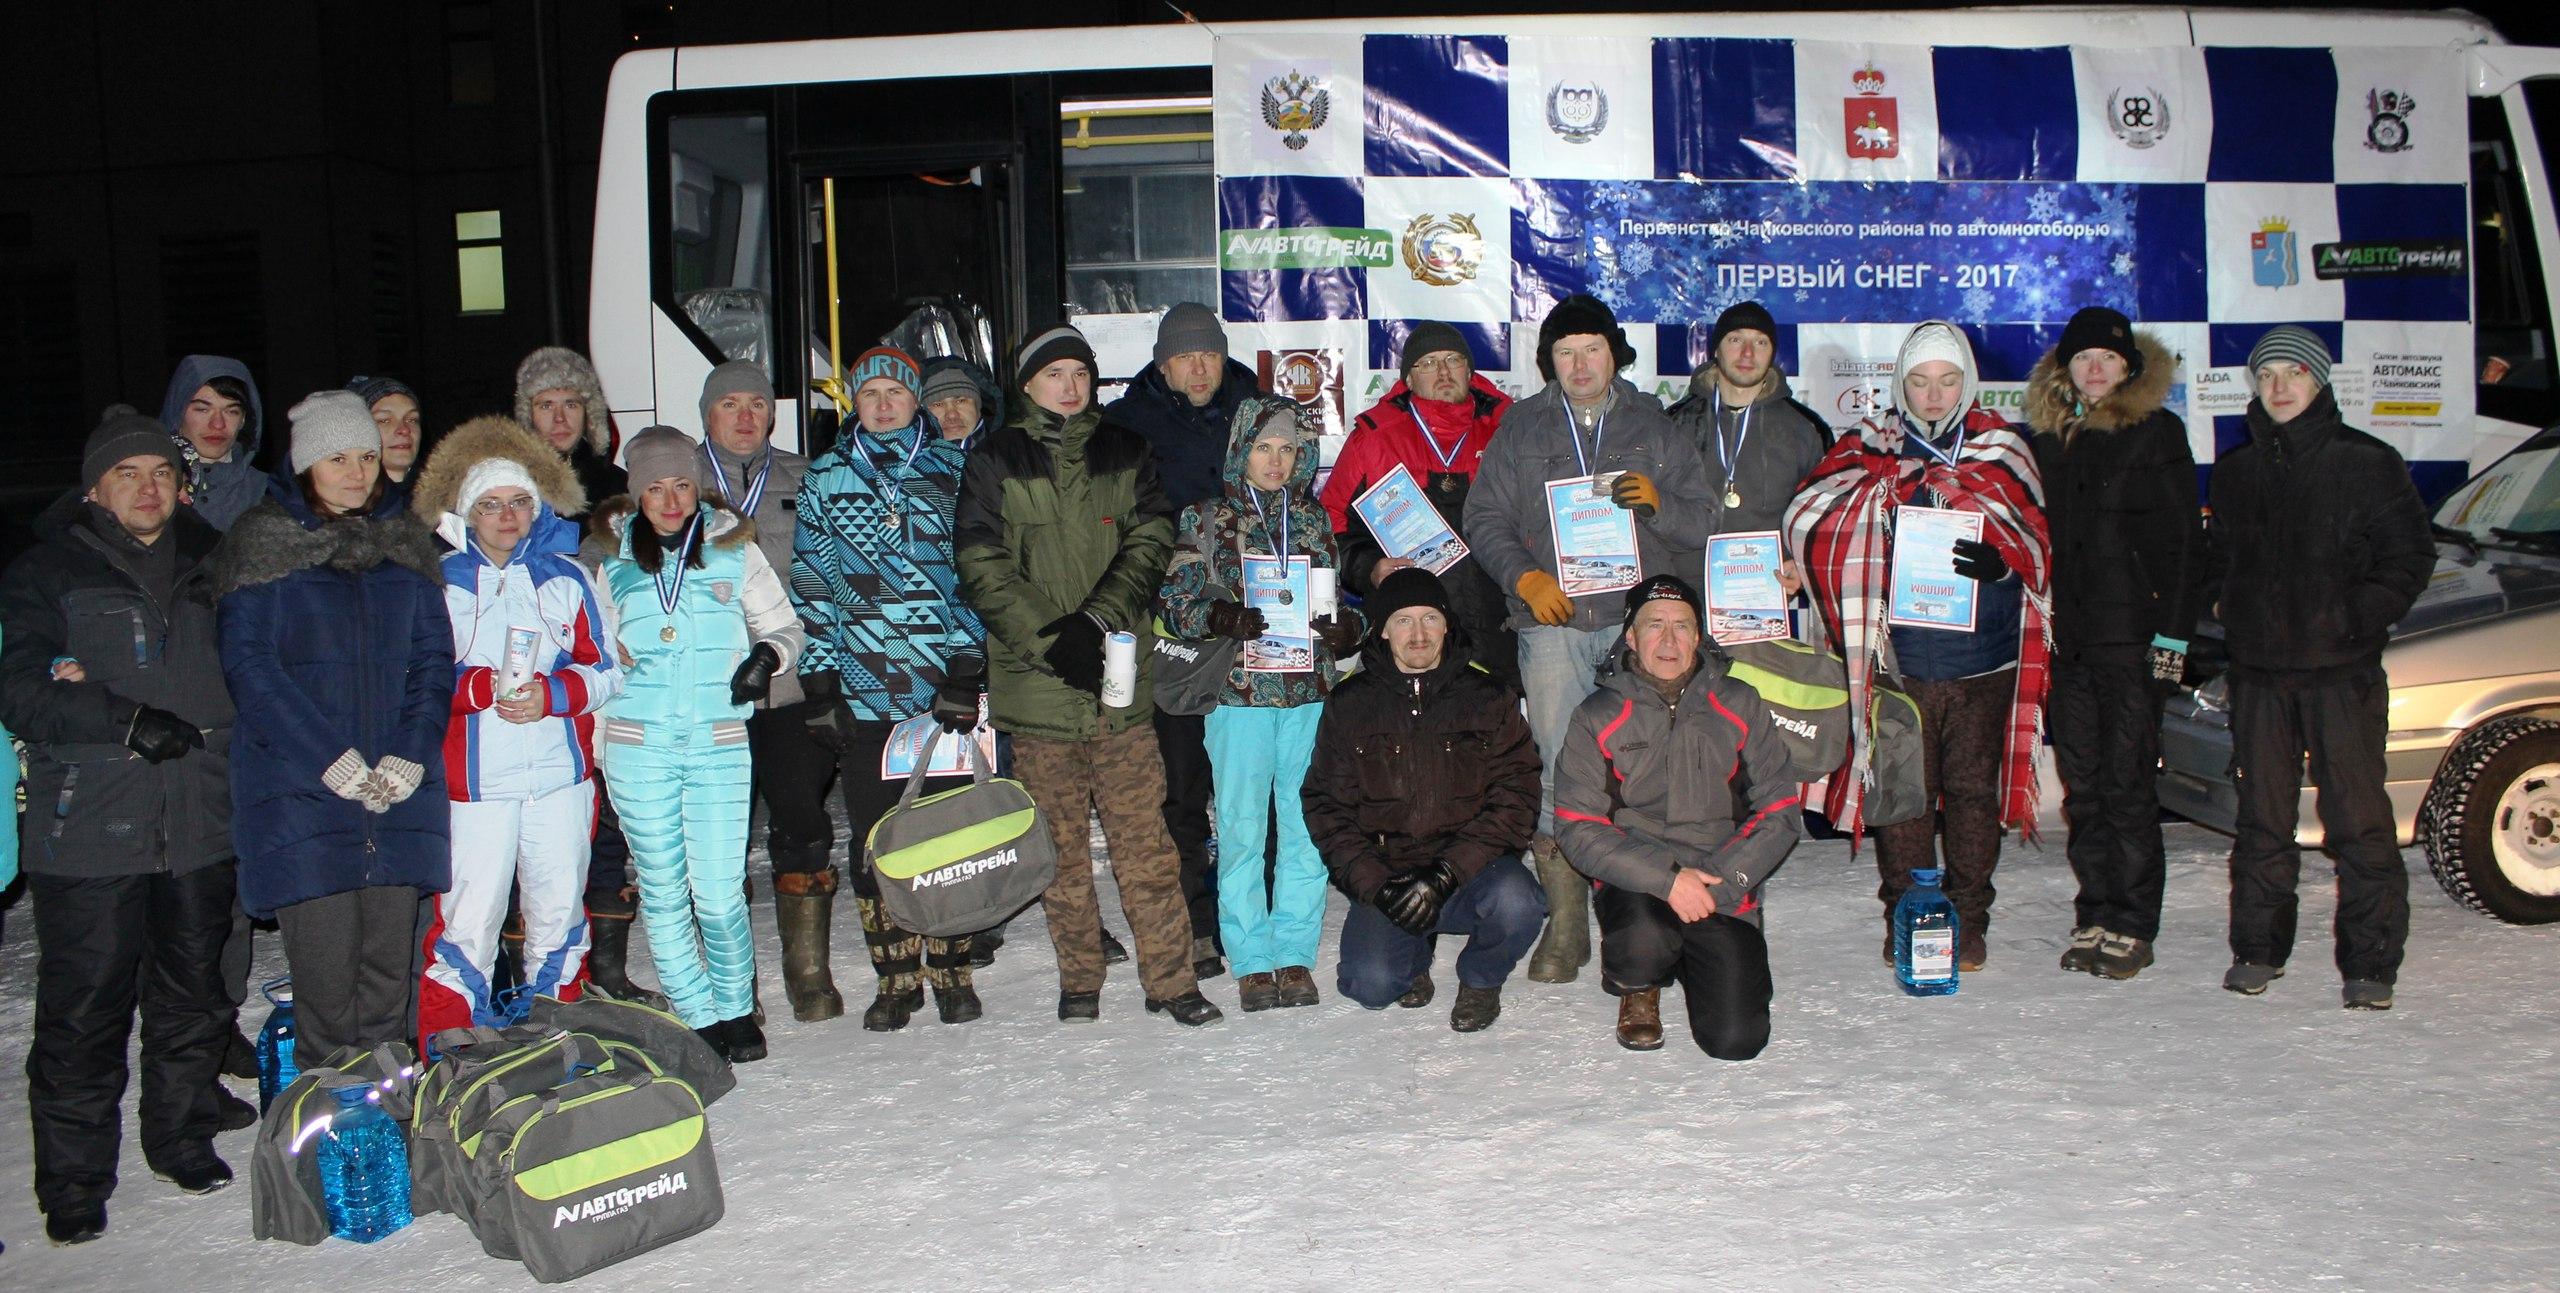 первый снег, автомногоборье, Чайковский, 2017 год